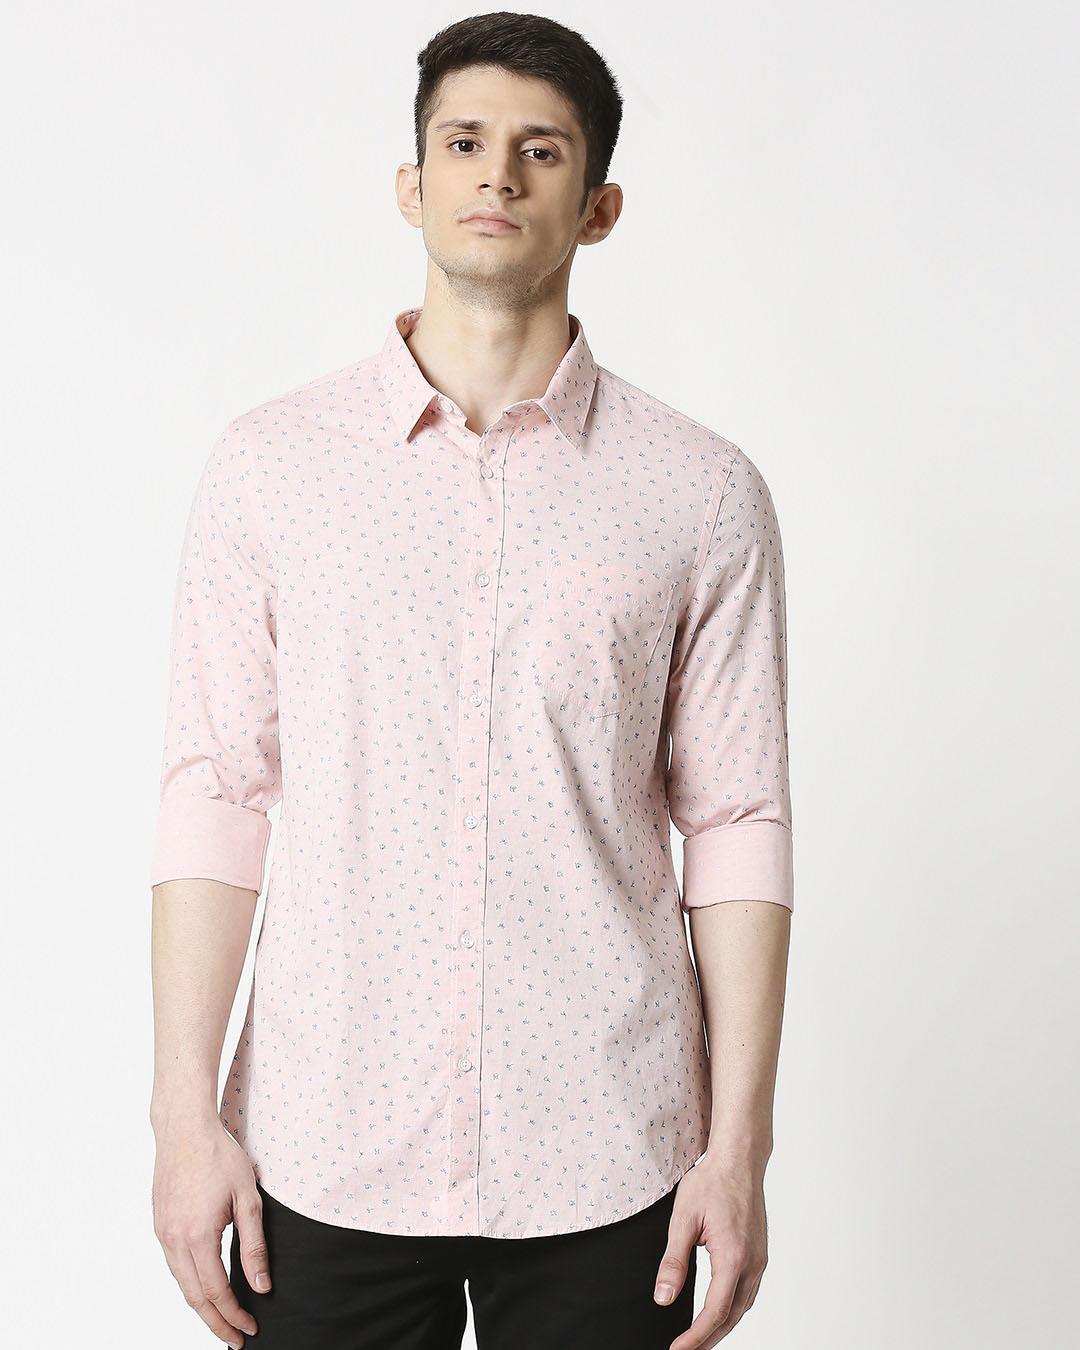 ShopPink Cotton Melange Shirt-Back